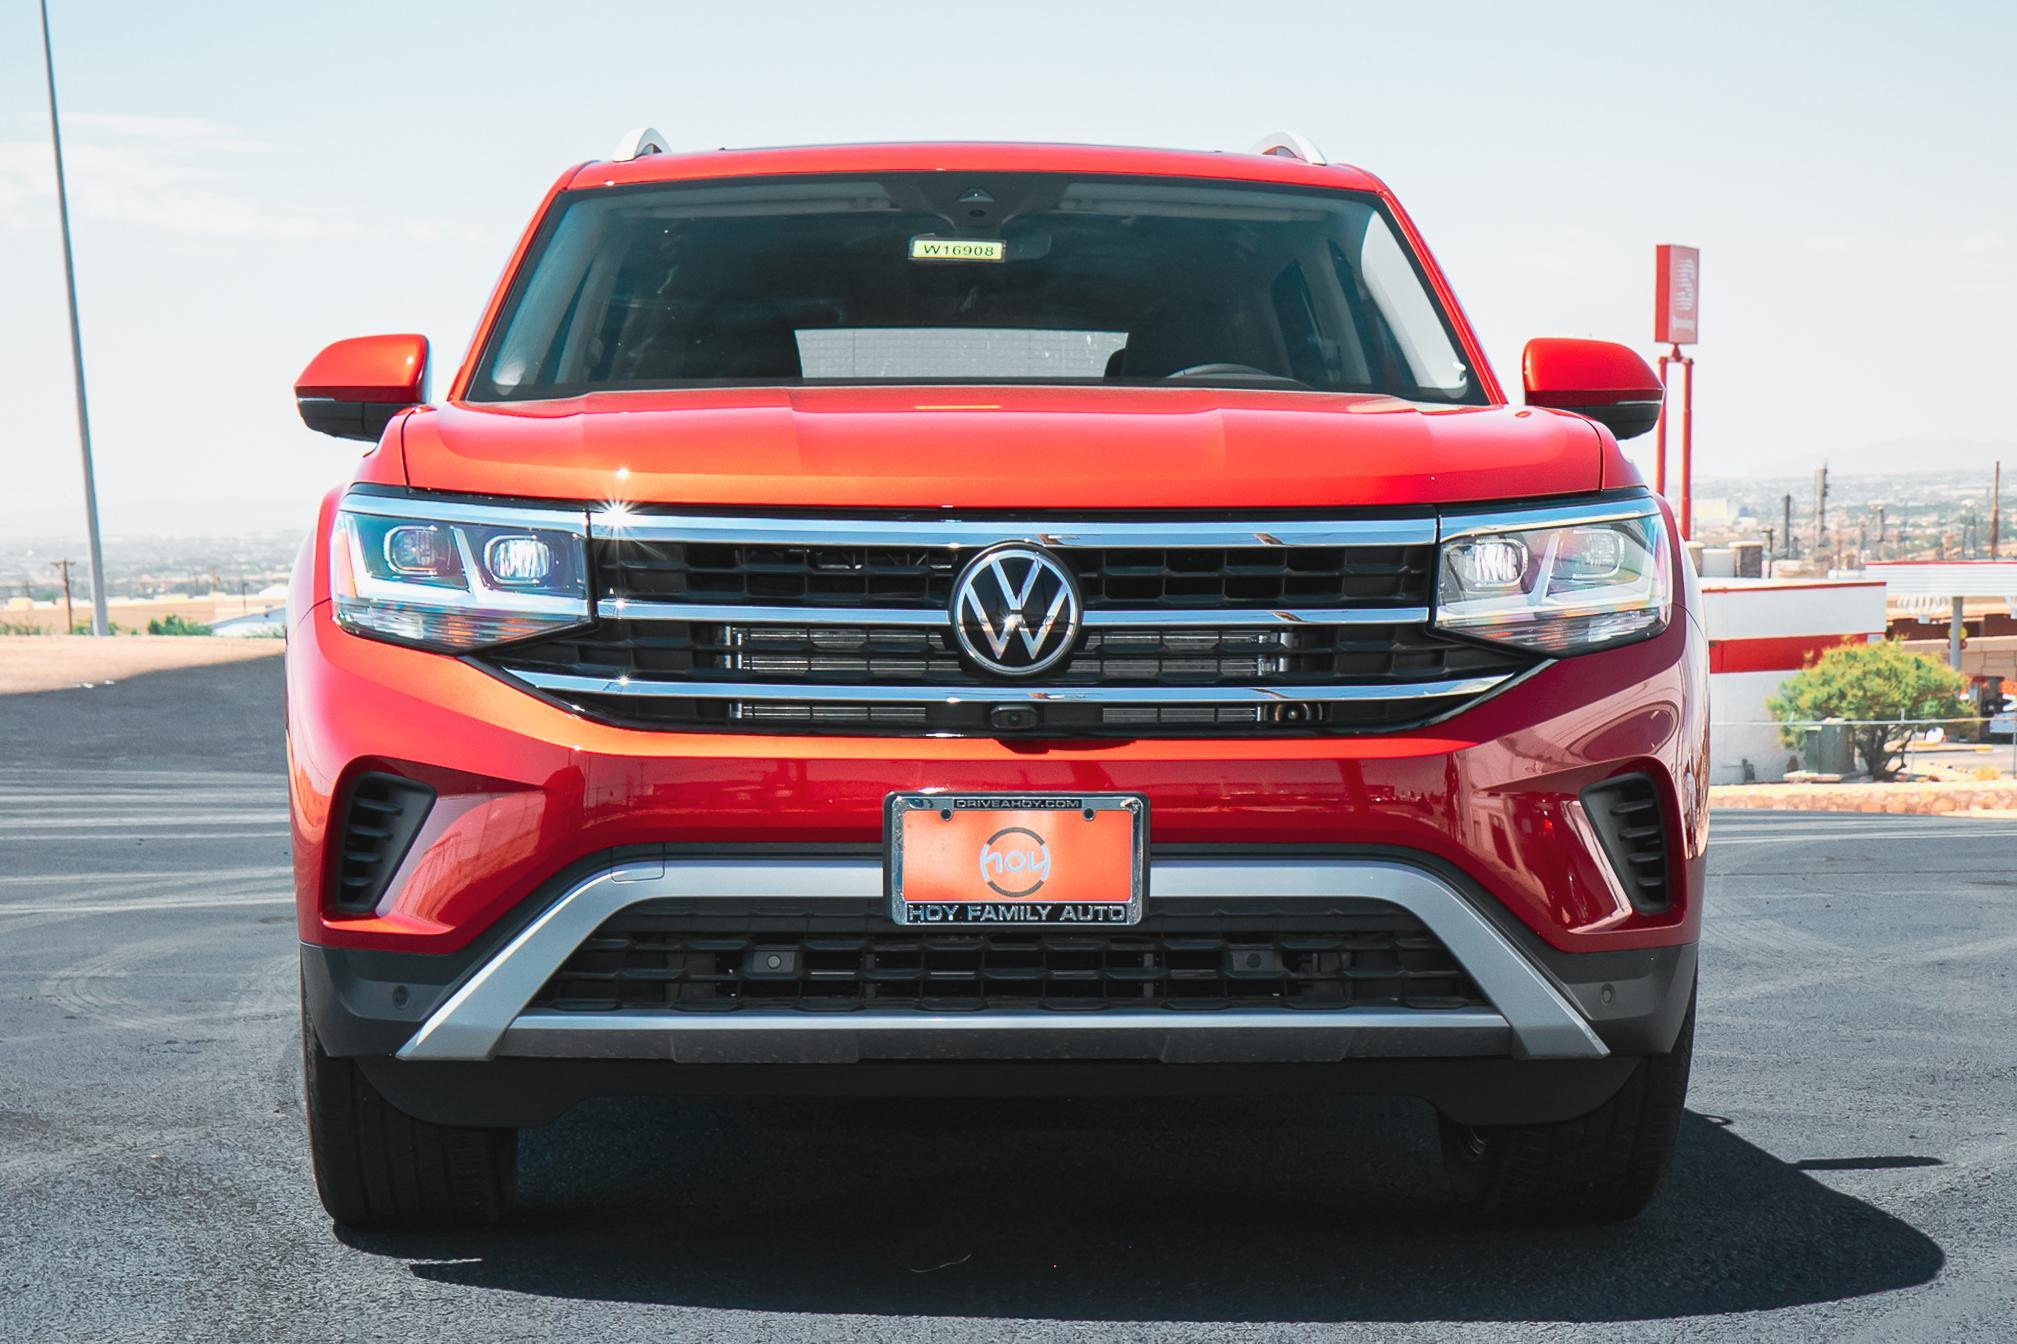 Hoy Volkswagen El Paso